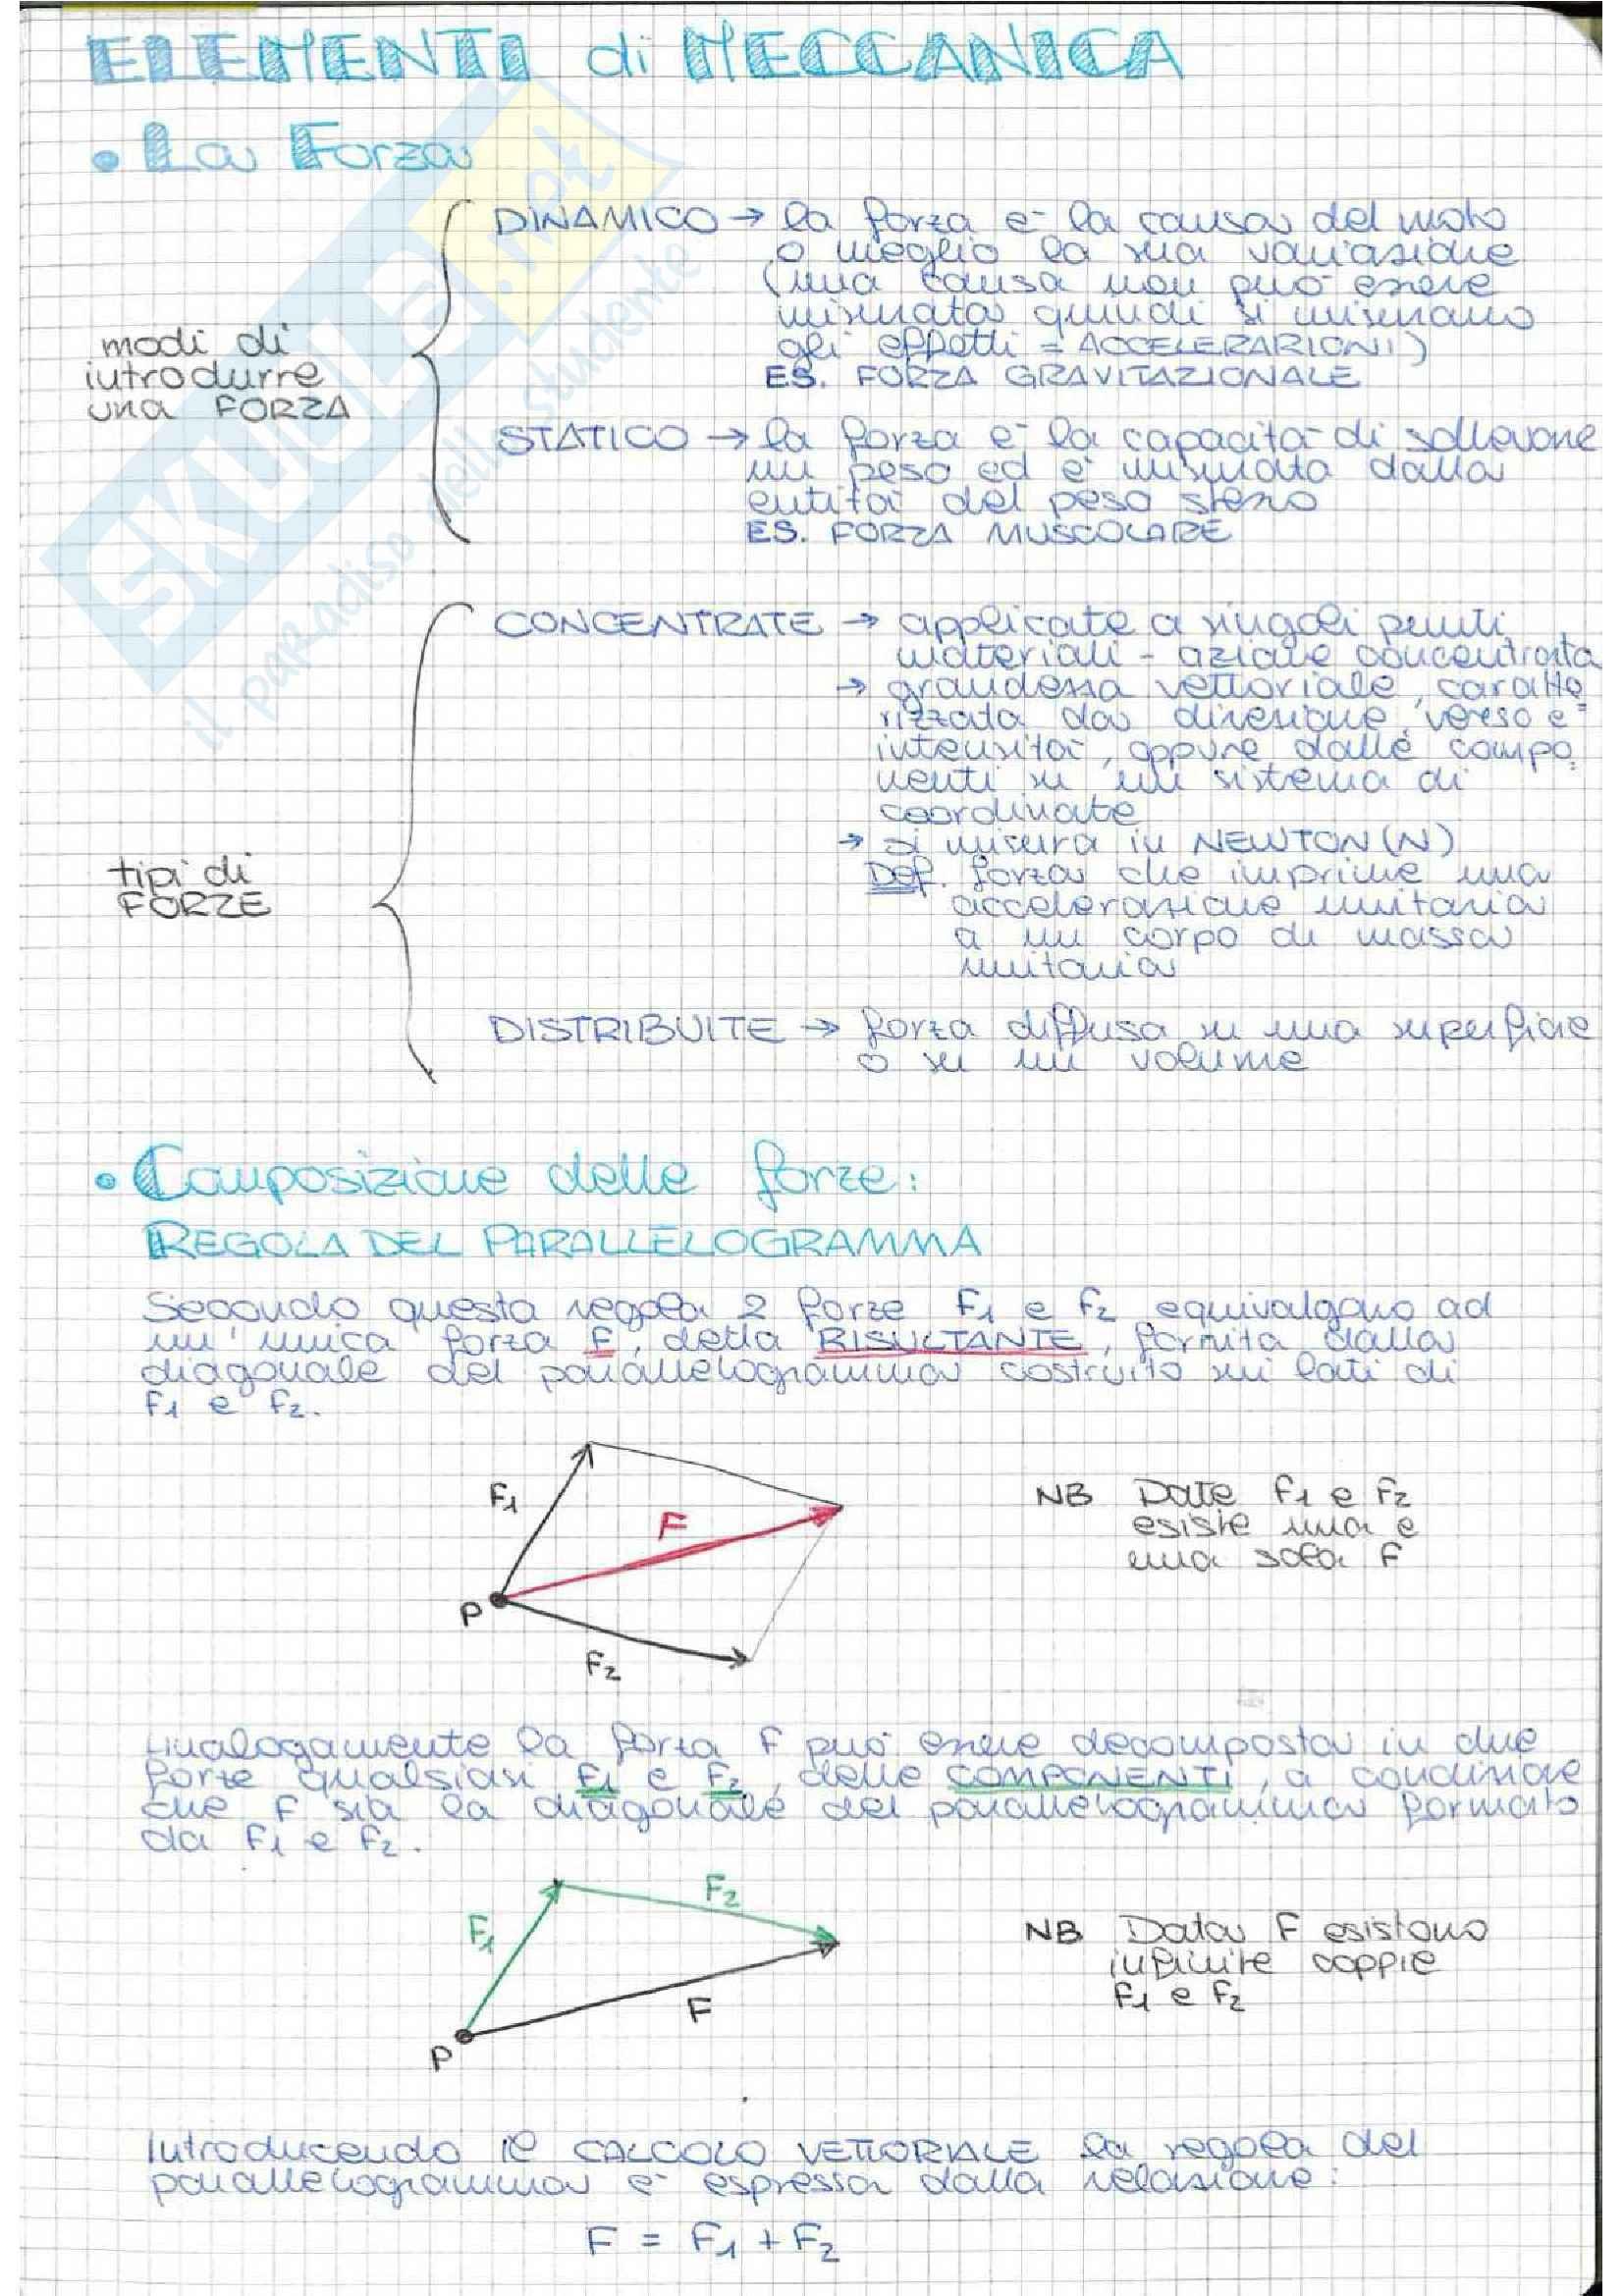 Riassunto esame Statica, prof De Angelis, prof. De Angelis, libro consigliato Statica piana dei corpi rigidi, Capecchi